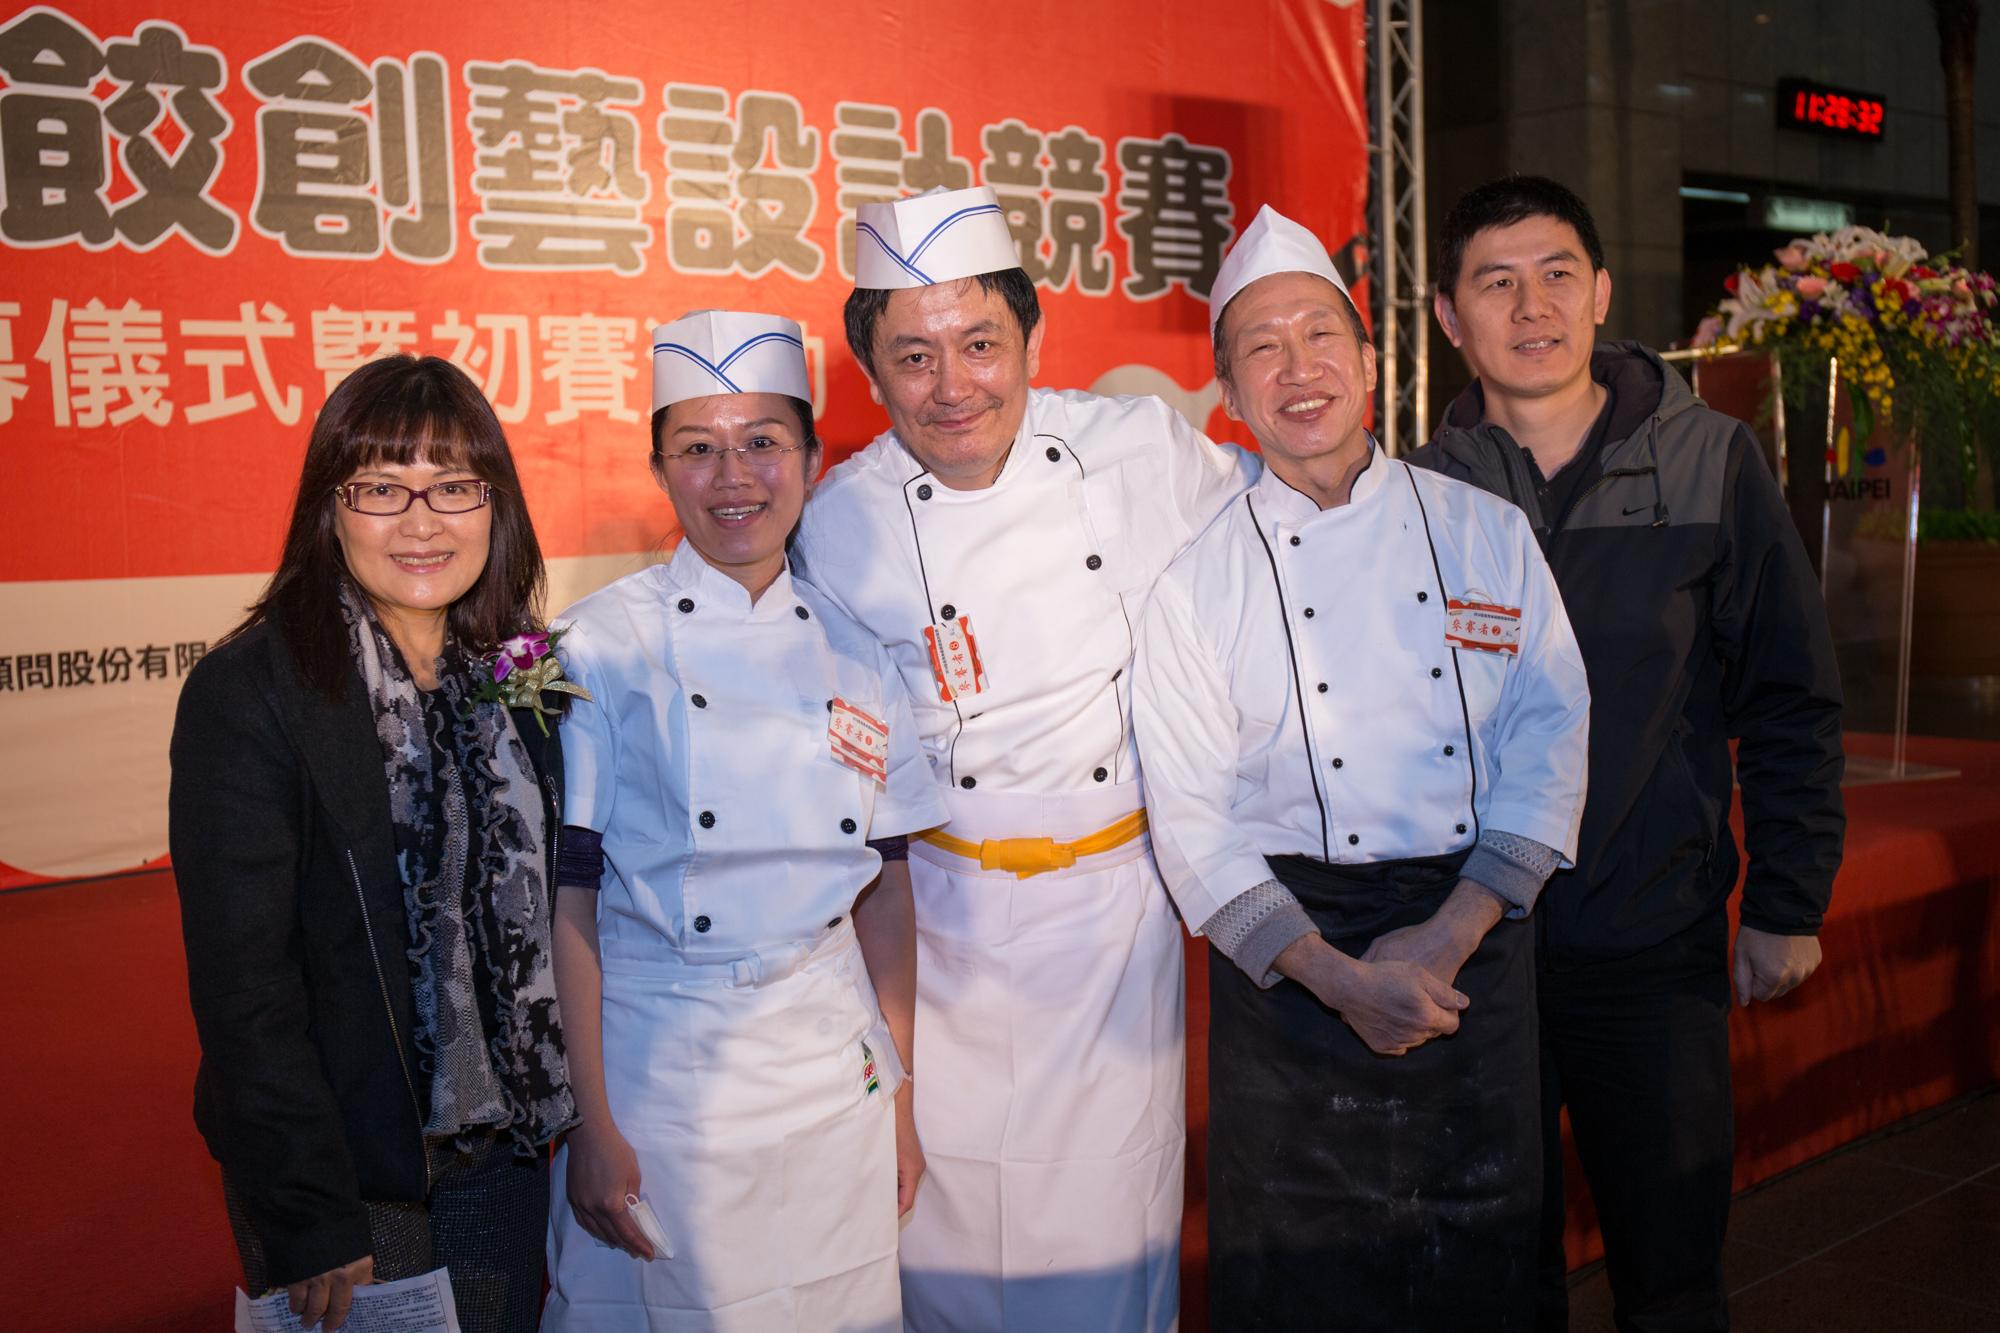 臺北市水餃創意設計競賽,台中婚錄推薦39